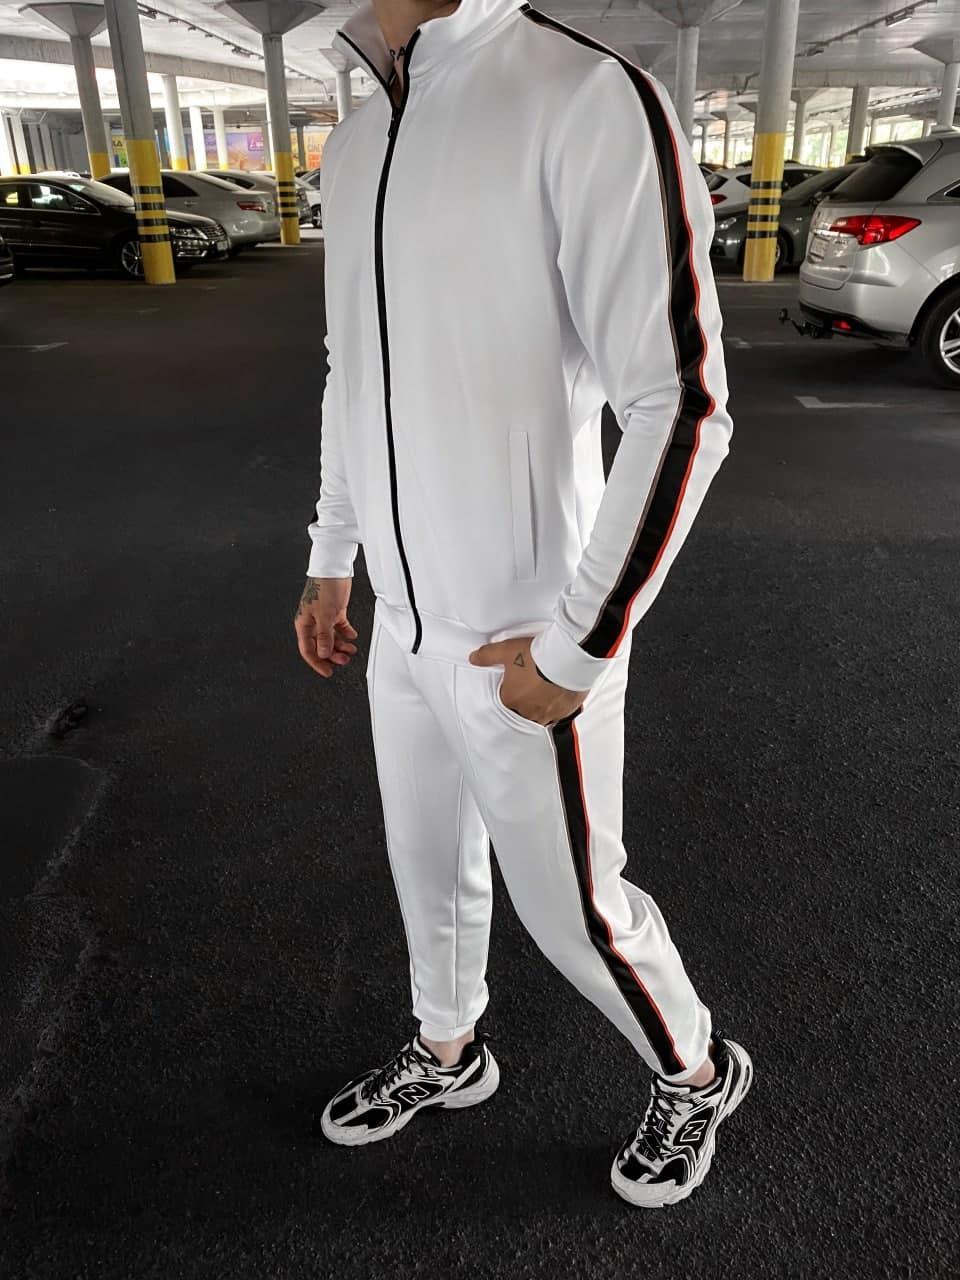 Мужской спортивный костюм (белые) soc72 крутой с лампасами красными